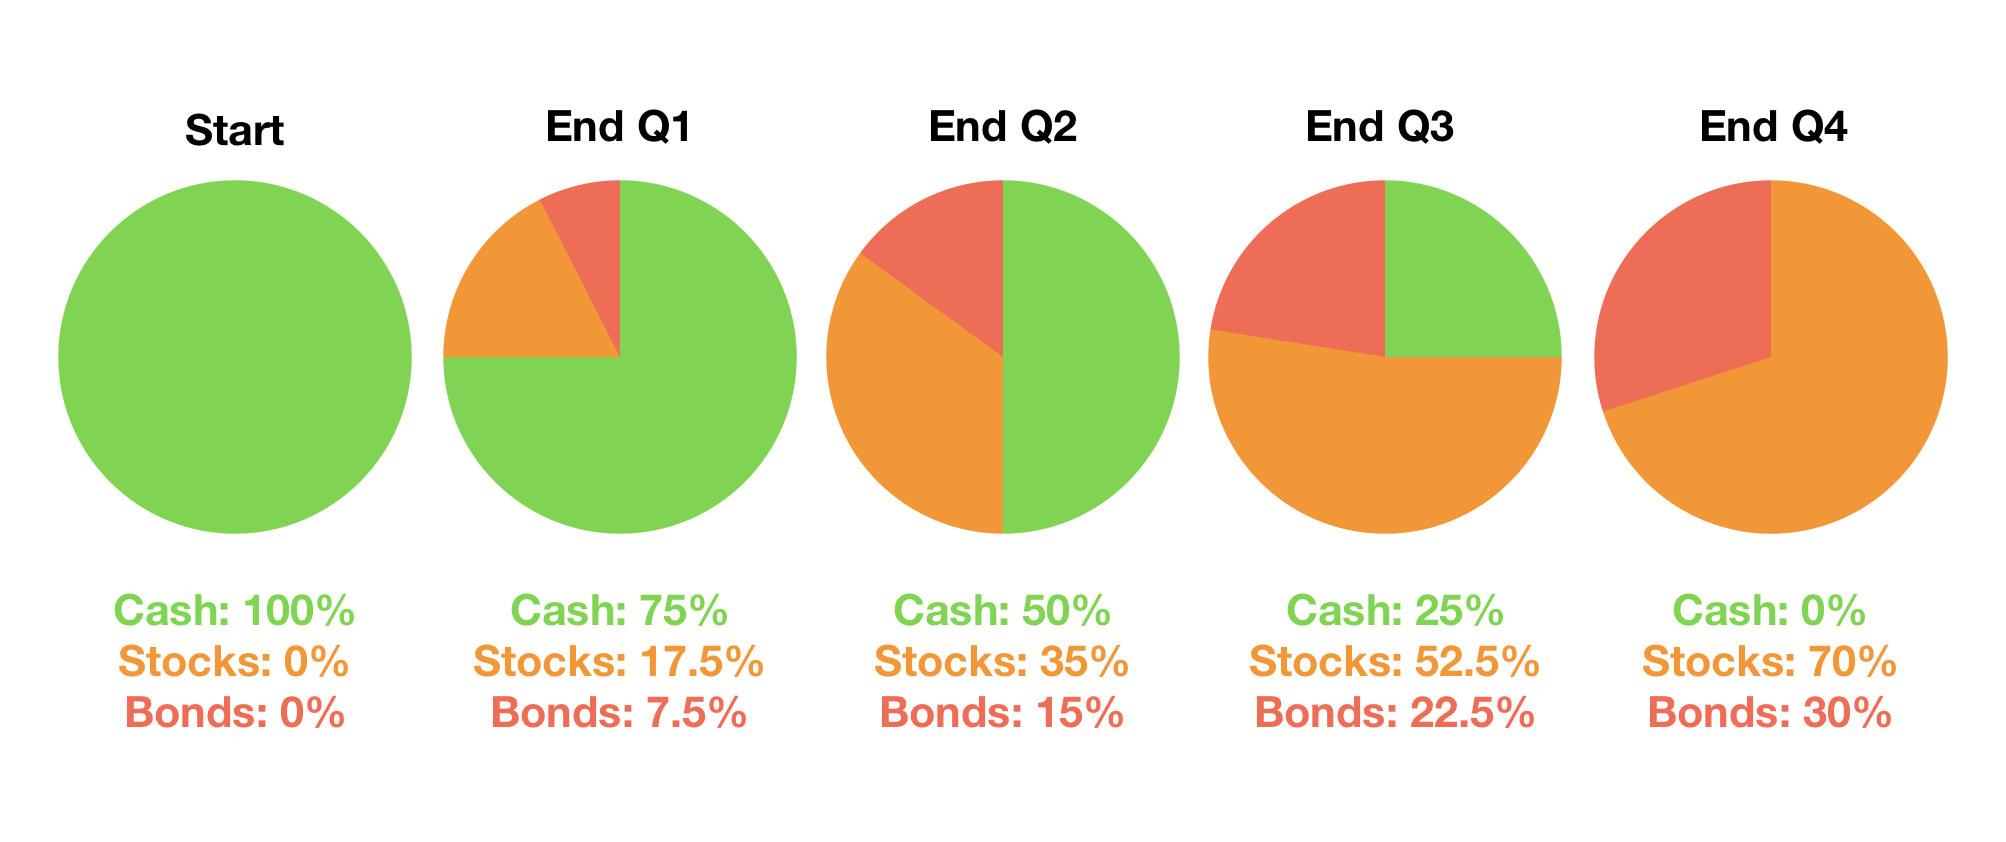 Cash Drag in Your Investment Portfolio